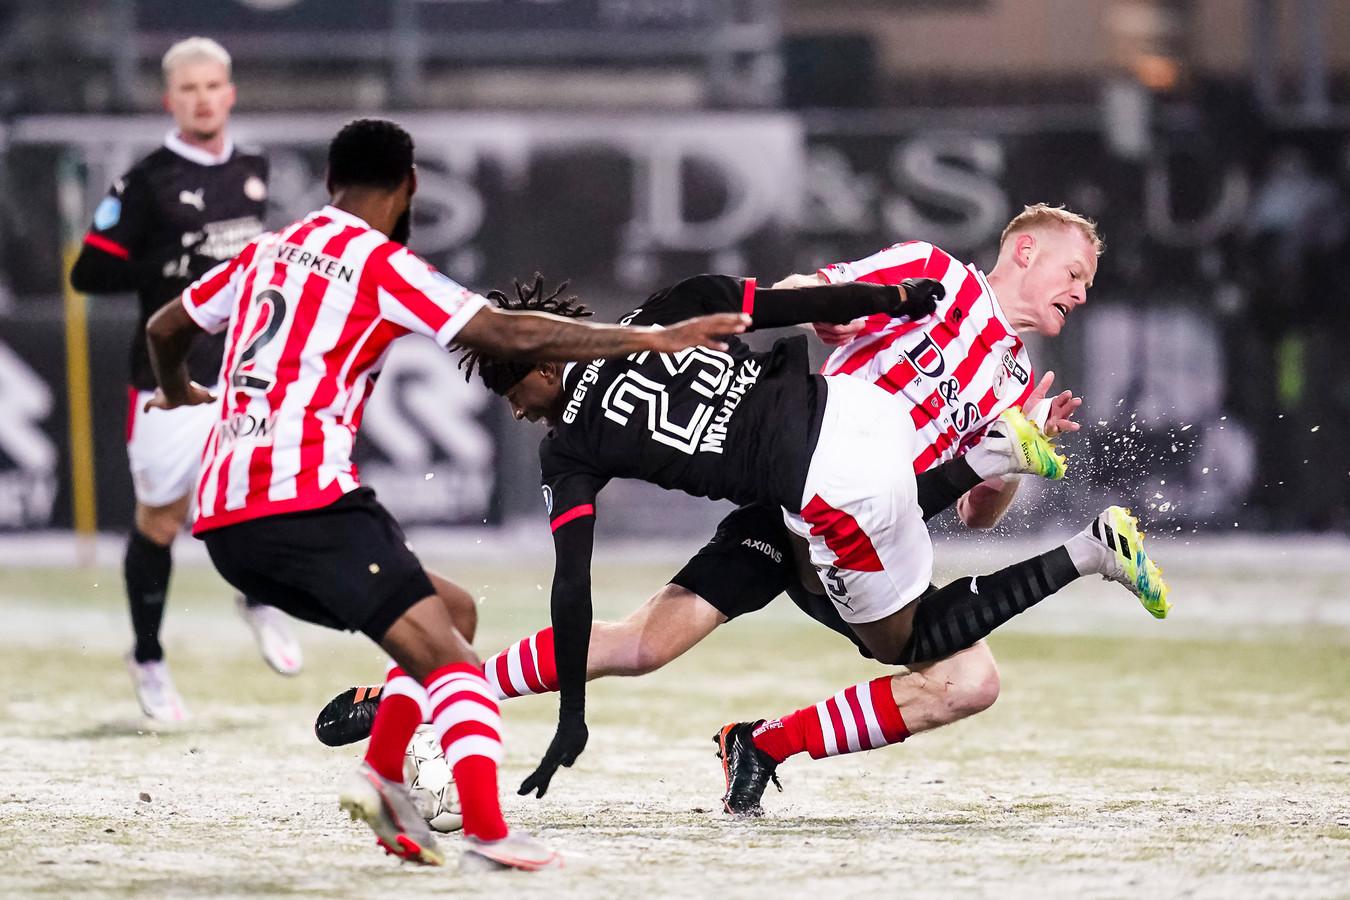 Tom Beugelsdijk haalt PSV-aanvaller Noni Madueke neer en krijgt geel.